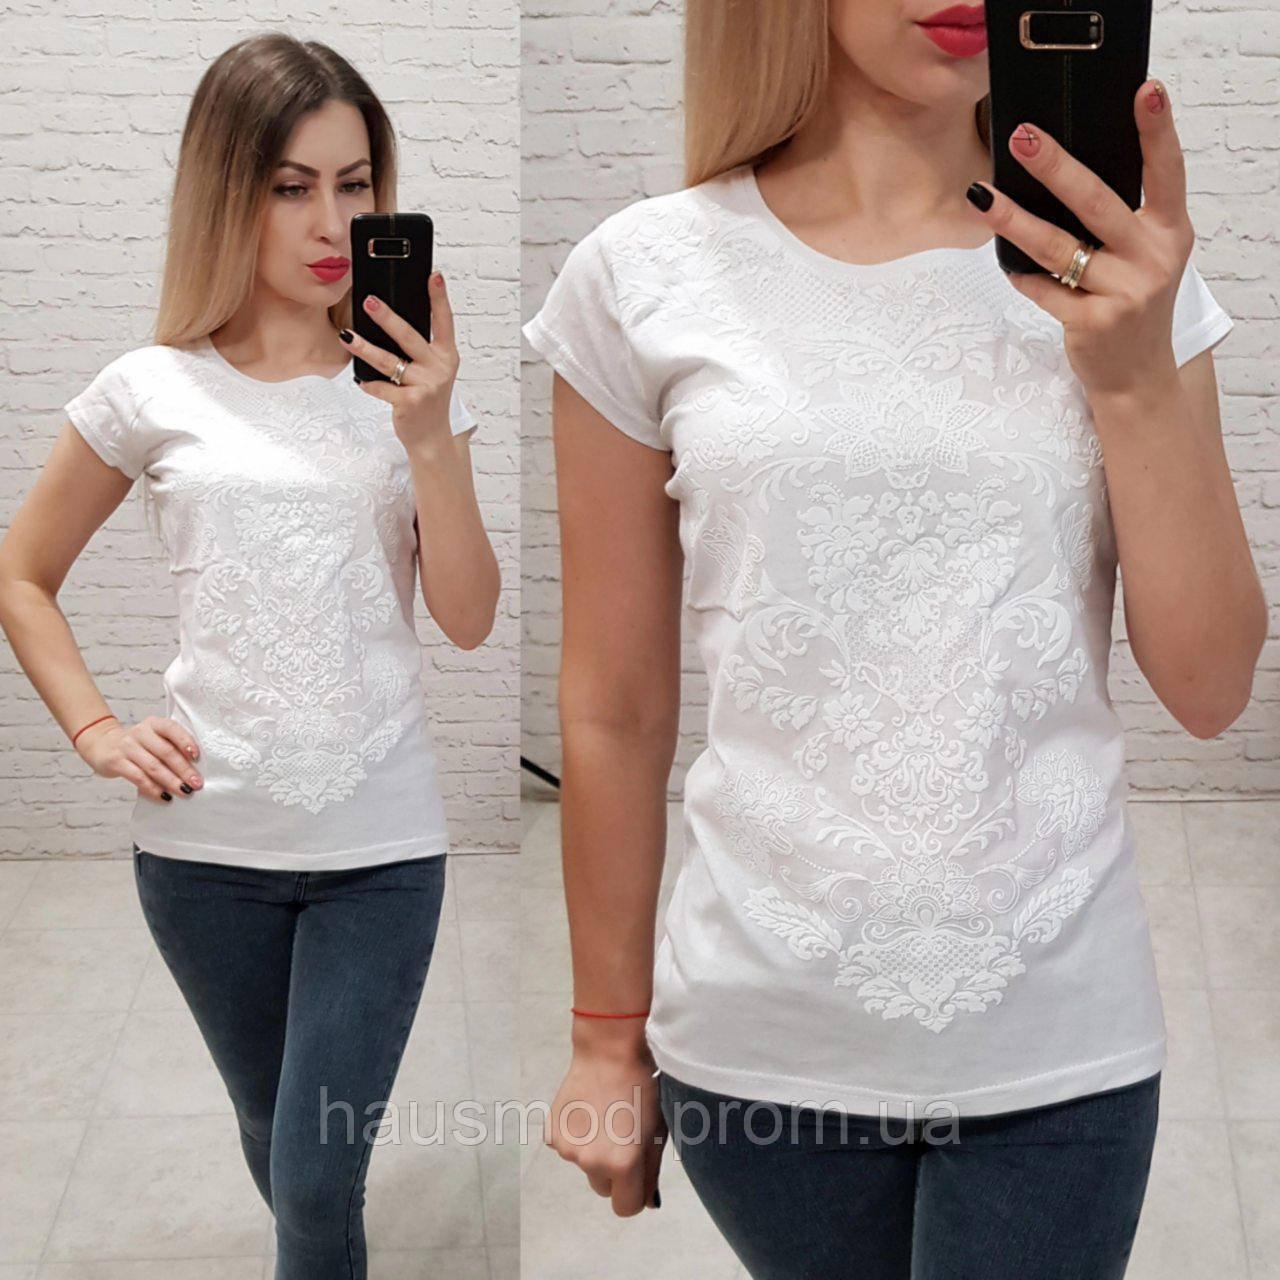 Женская футболка 100% катон узор выпуклый красивый Турция белая